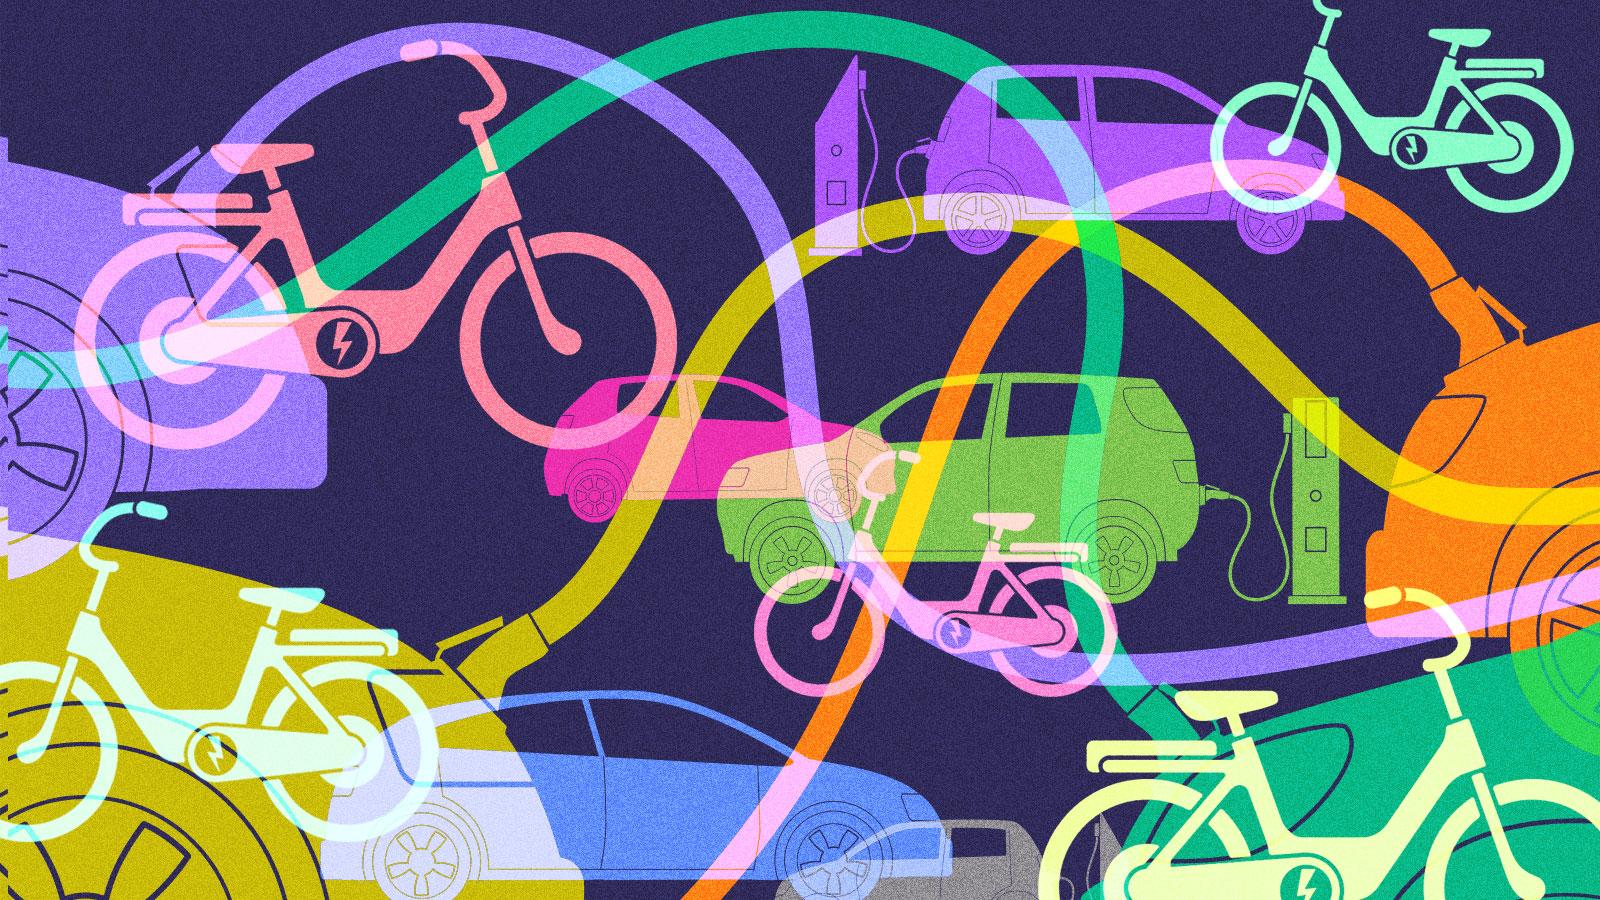 EV illustration